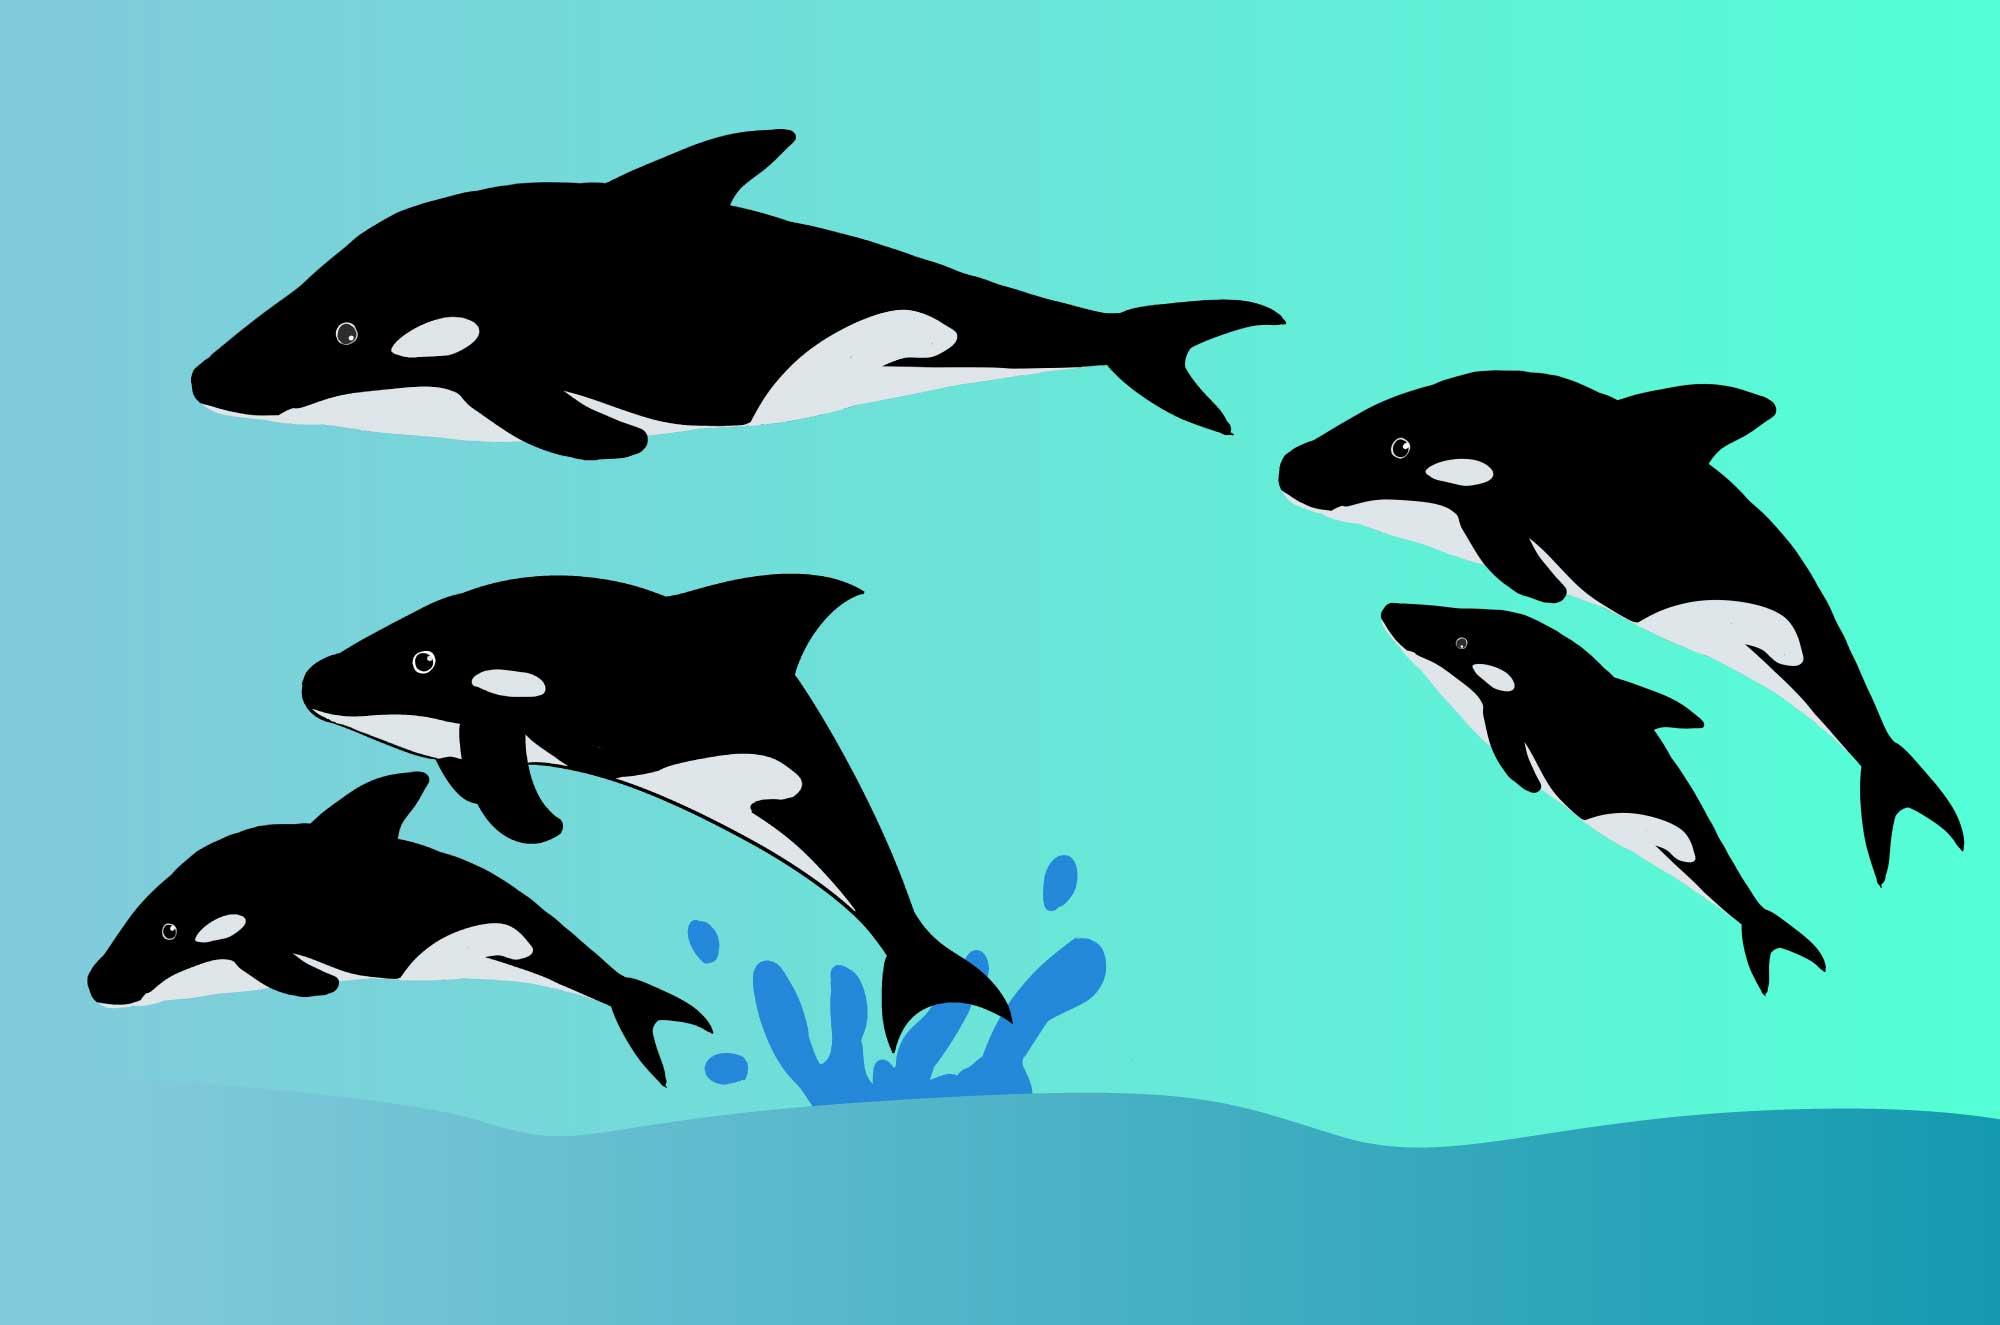 シャチの無料イラスト - 海のギャングの動物素材